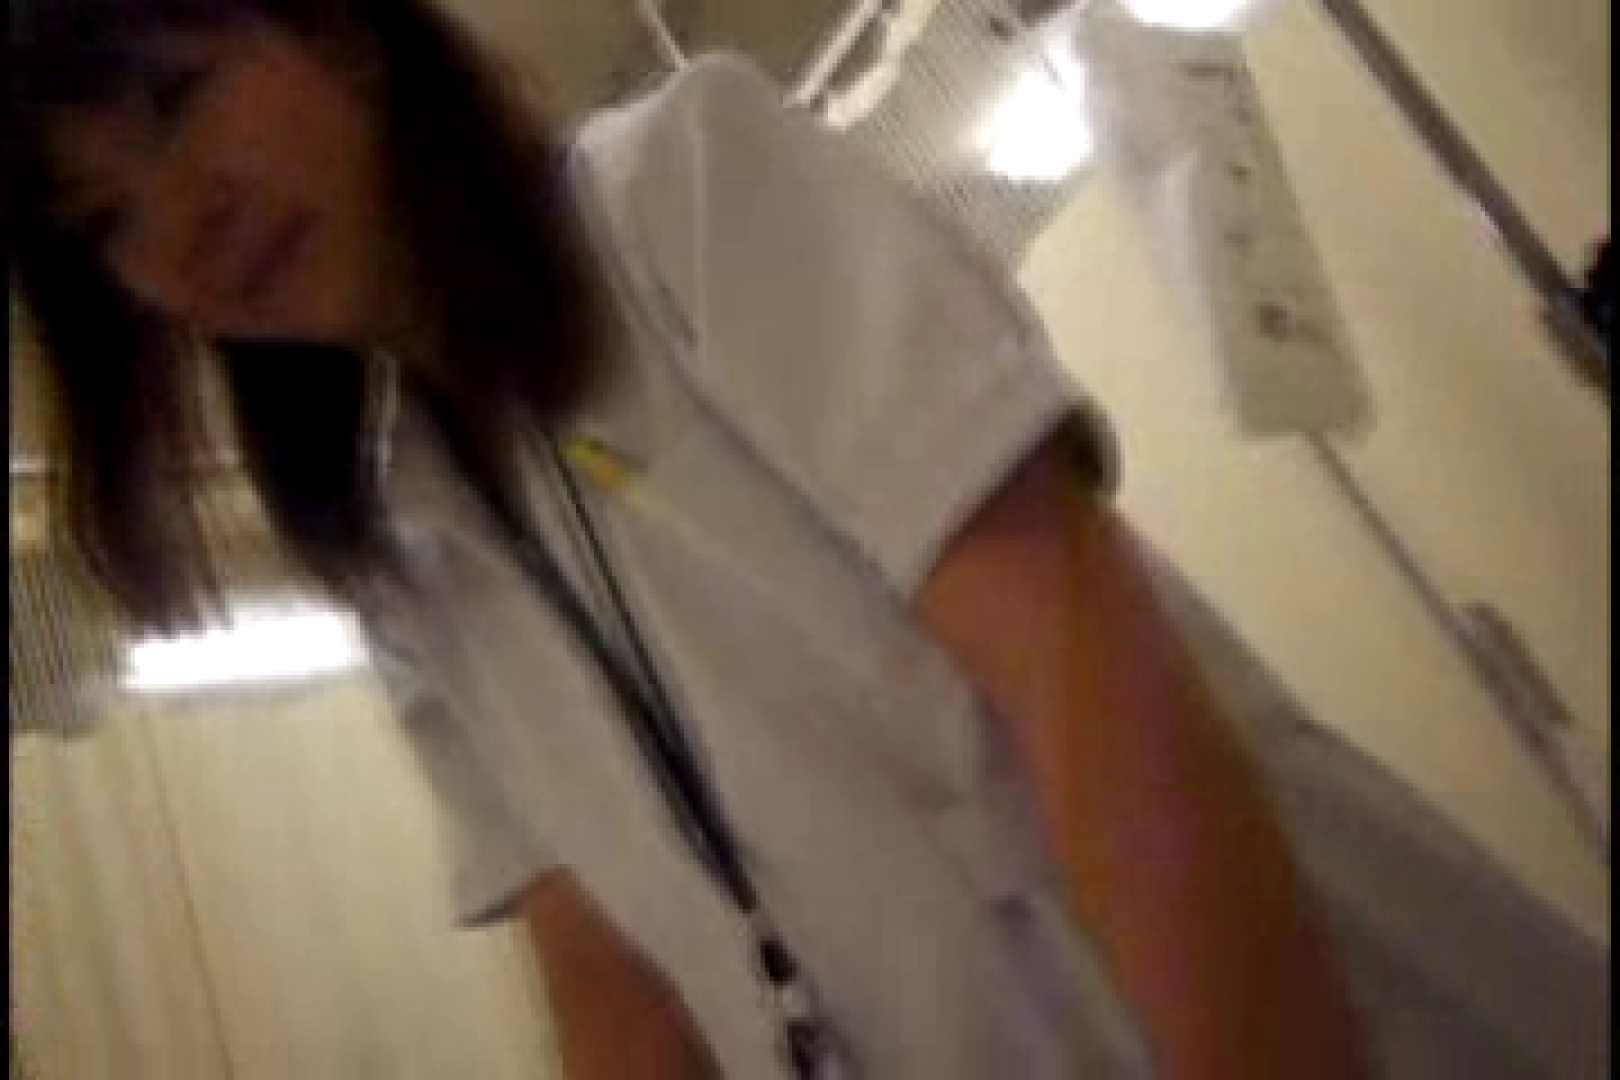 ヤリマンと呼ばれた看護士さんvol1 一般投稿 戯れ無修正画像 112pic 53